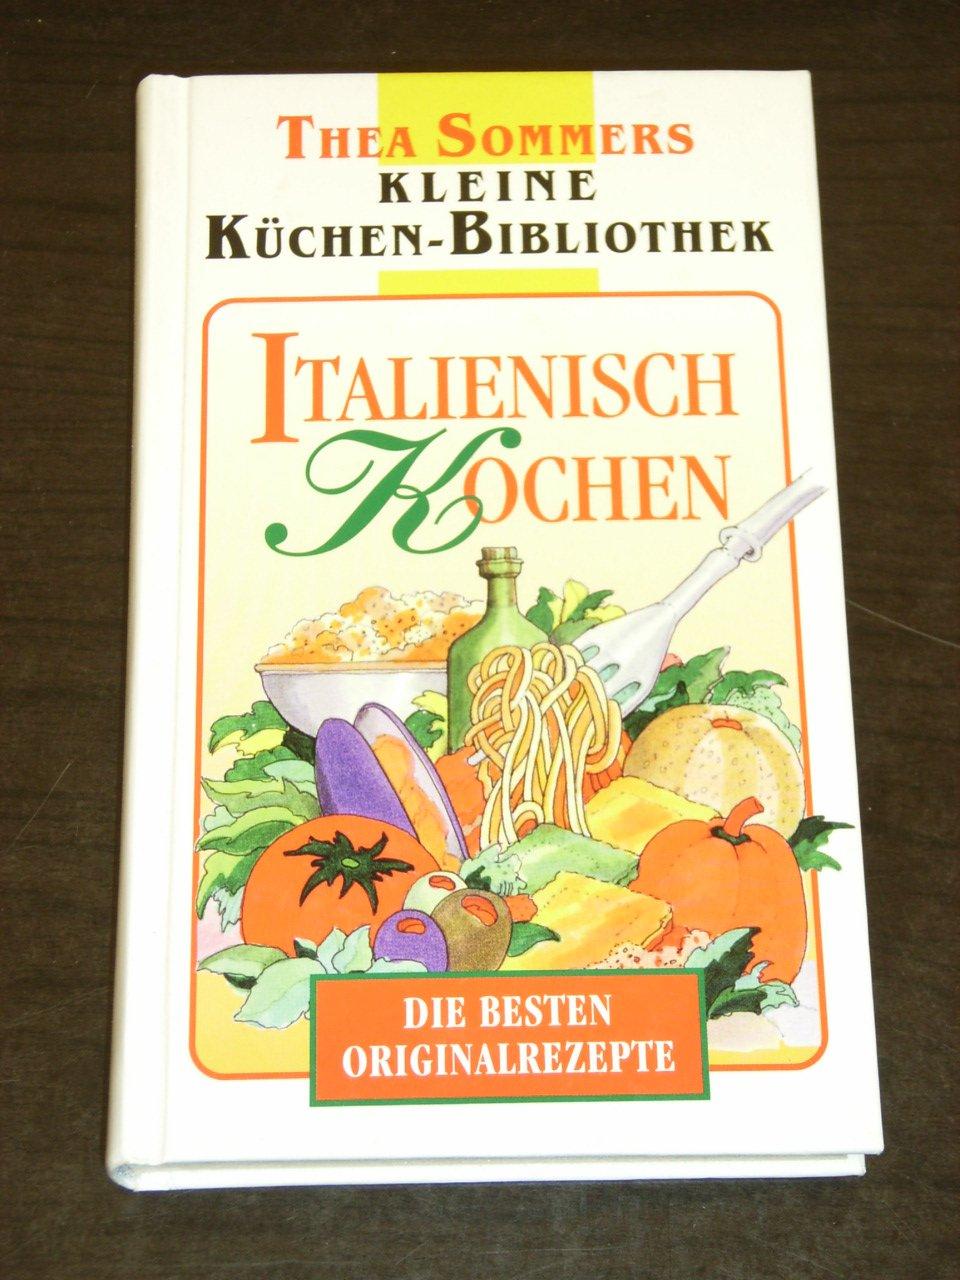 thea sommers kleine küchen-bibliothek \